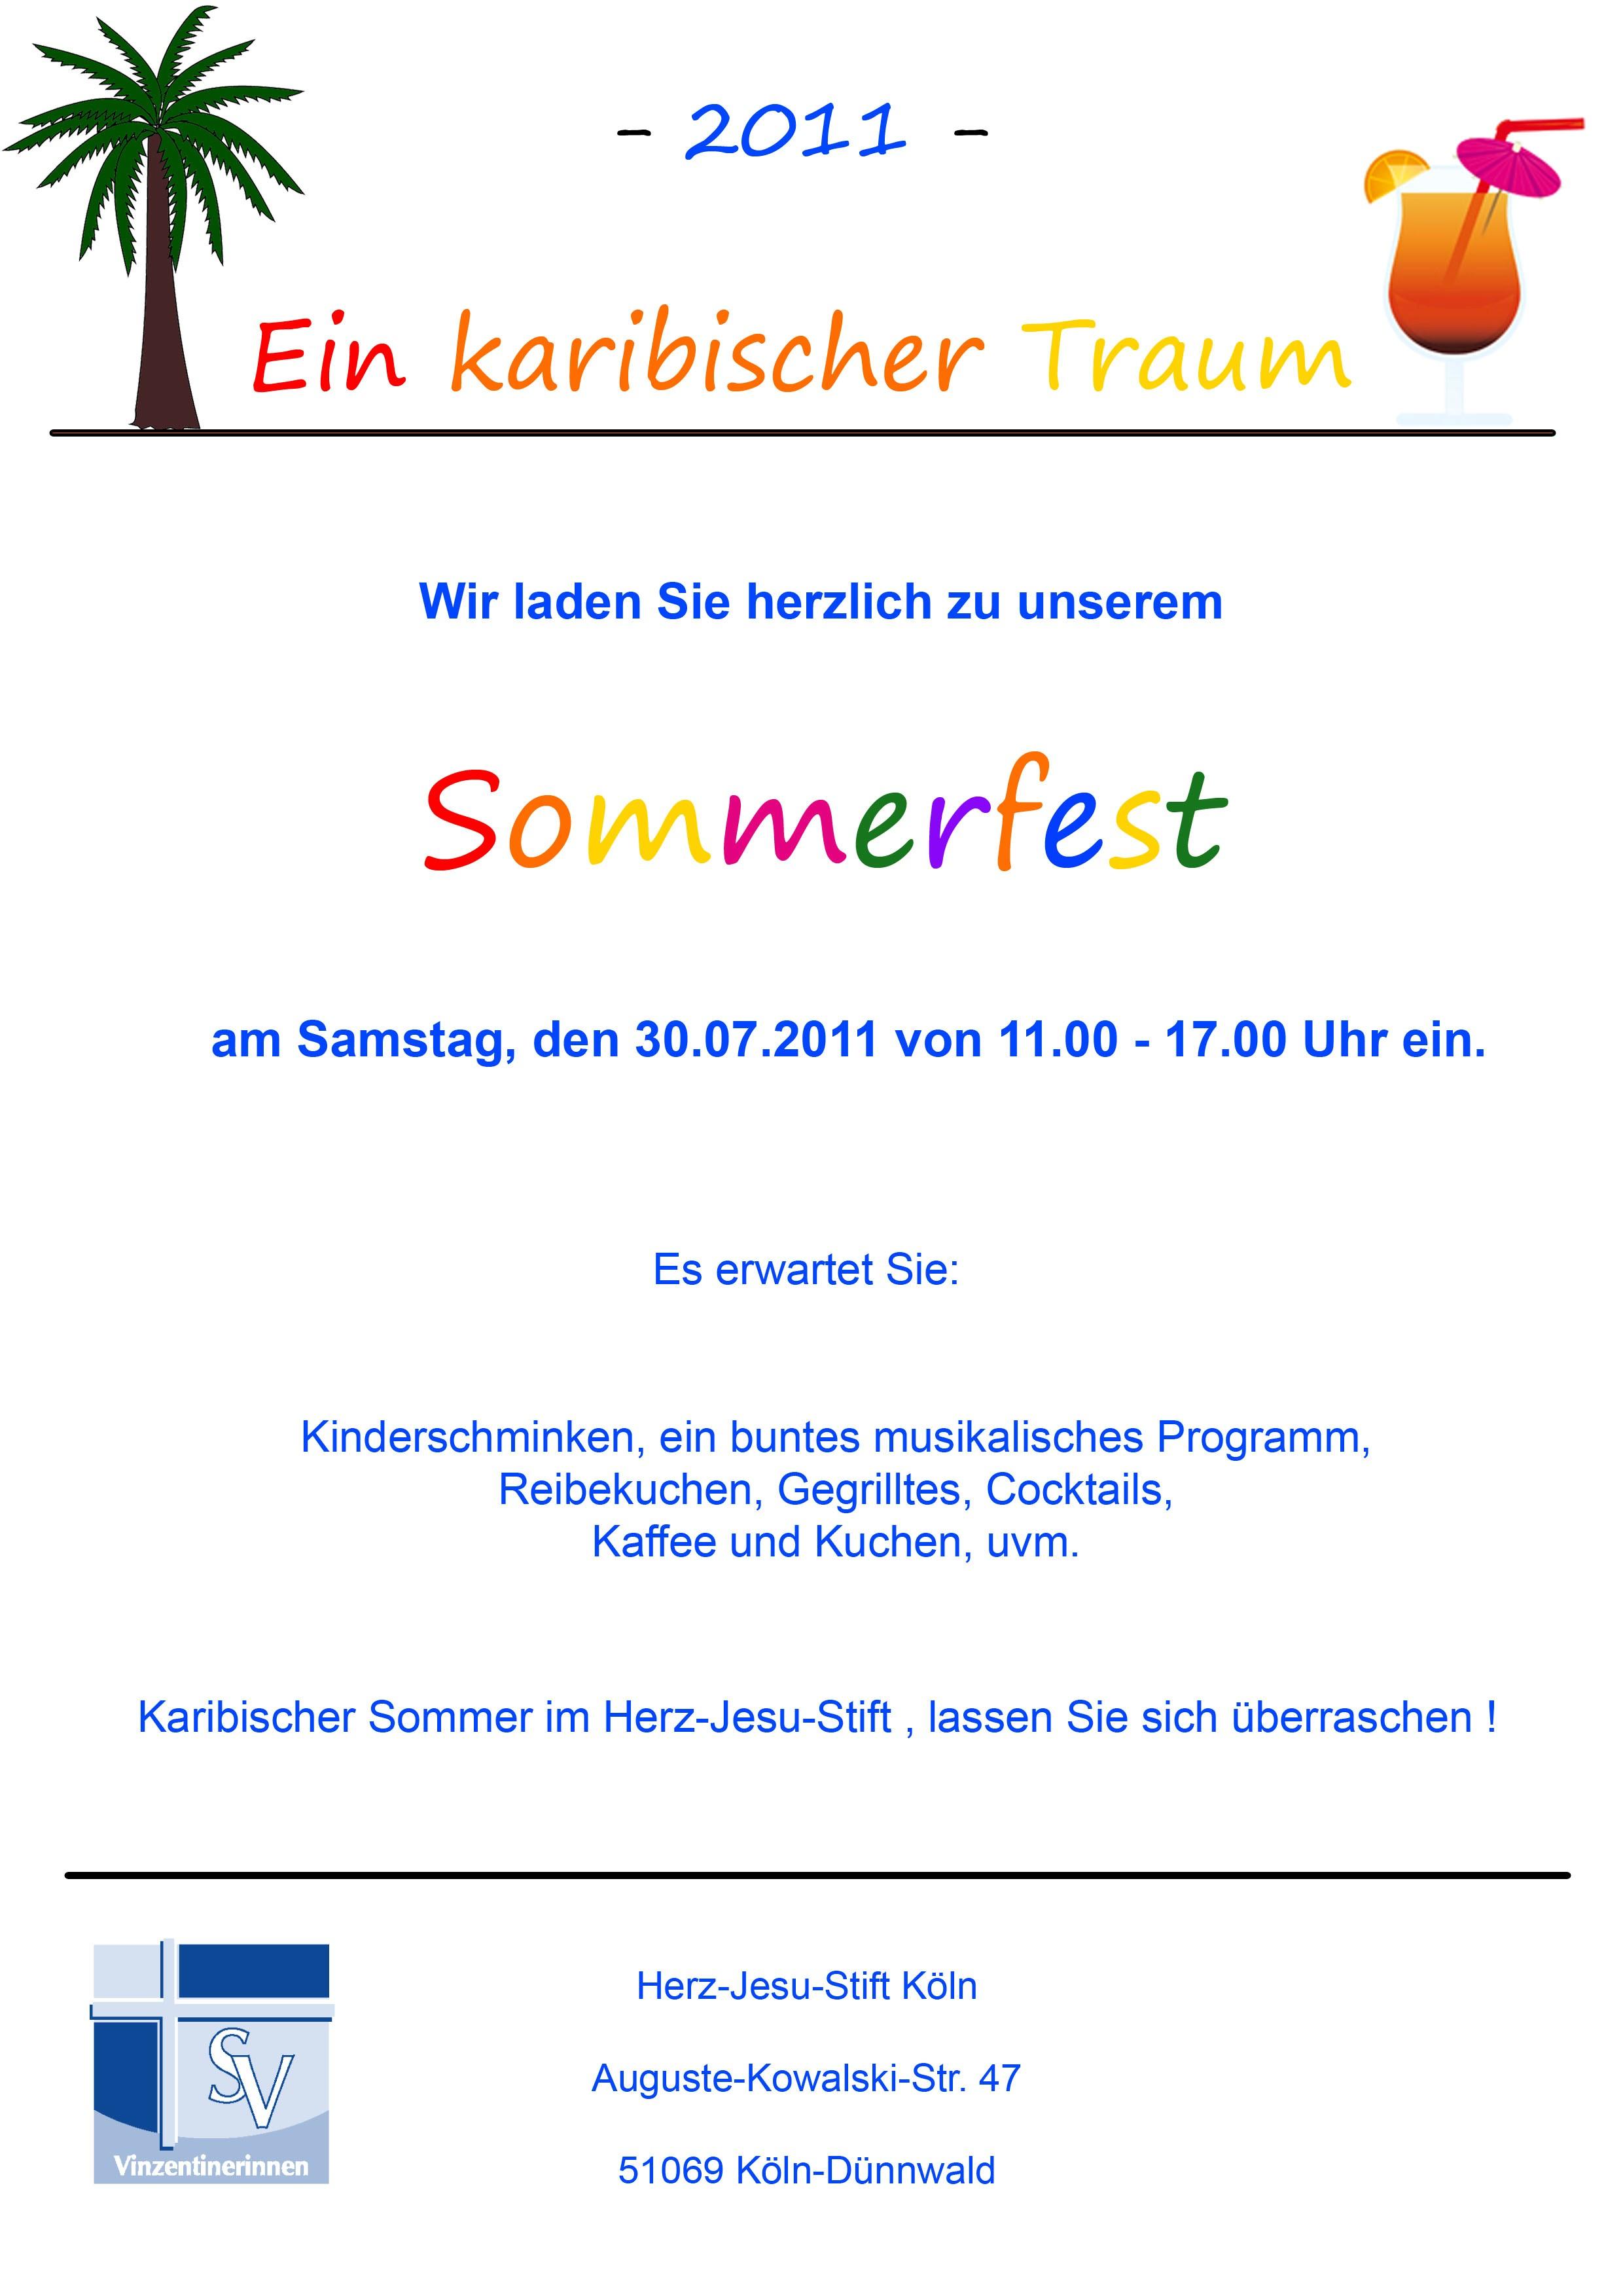 Einladung Zum Sommerfest in Der Kita images